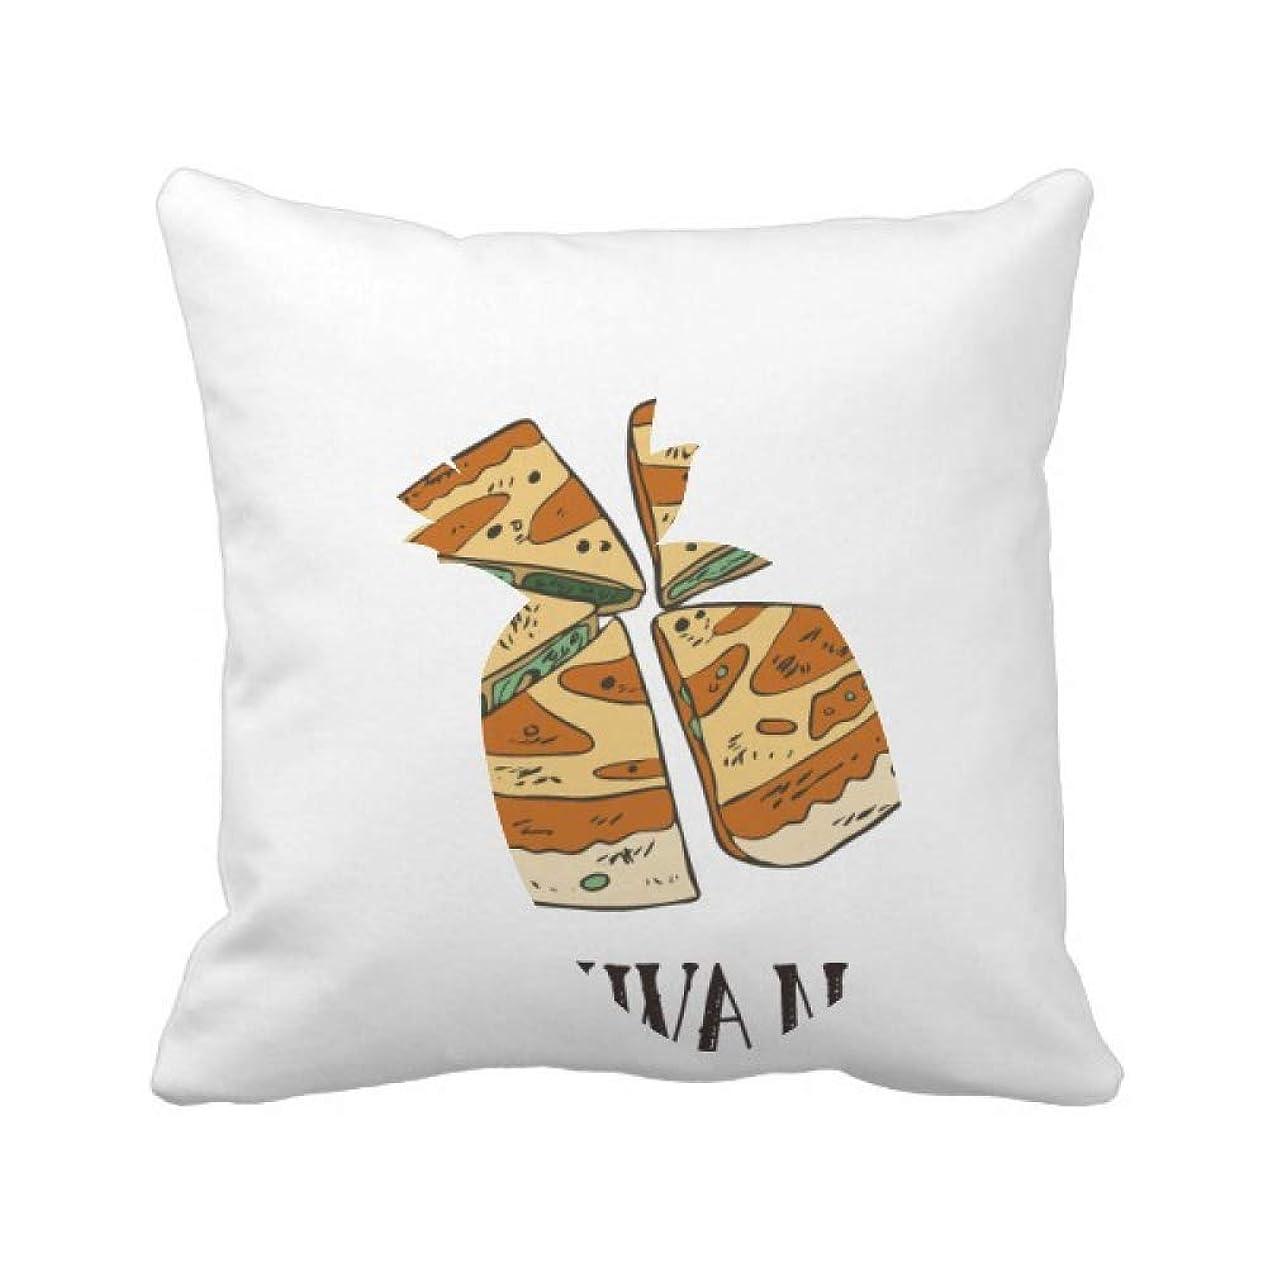 乱雑な愛されし者ごちそうピザ台湾食物旅行 パイナップル枕カバー正方形を投げる 50cm x 50cm